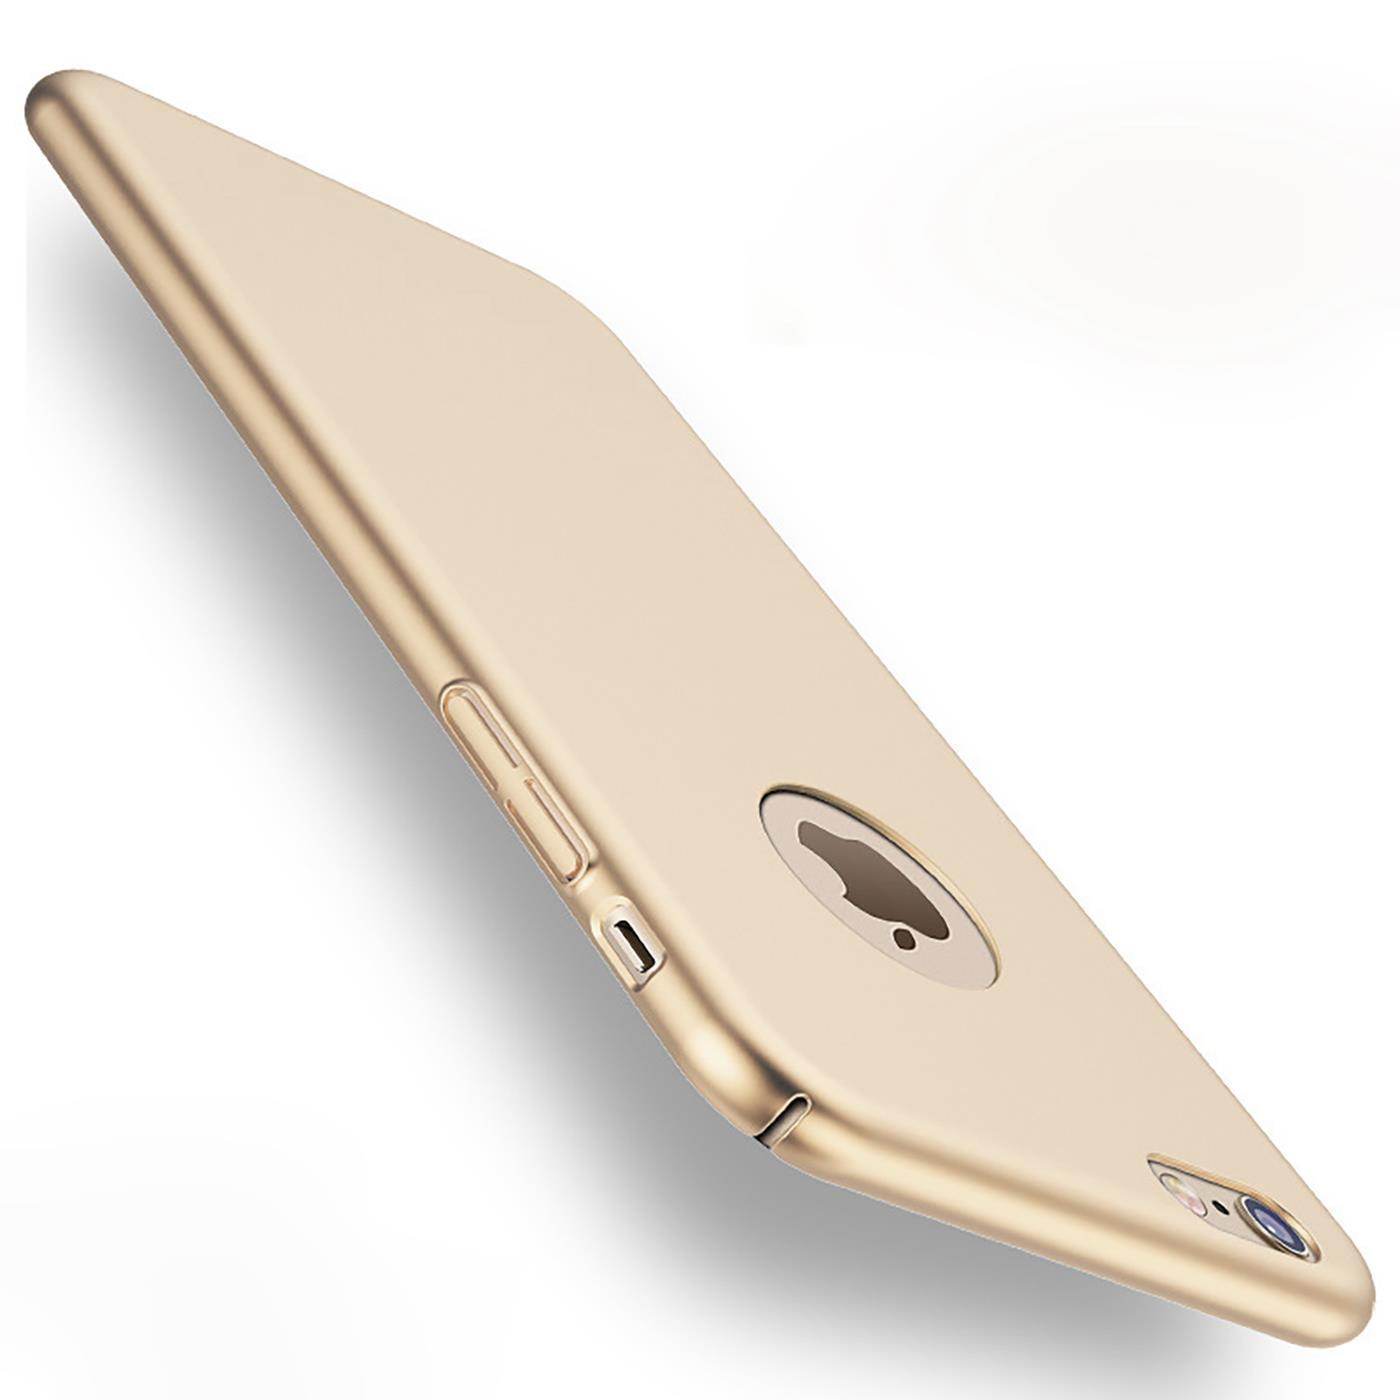 Slim-Cover-Huelle-Schutz-Tasche-Case-Handy-Schutzhuelle-Panzerglas-Folie-Glas Indexbild 18